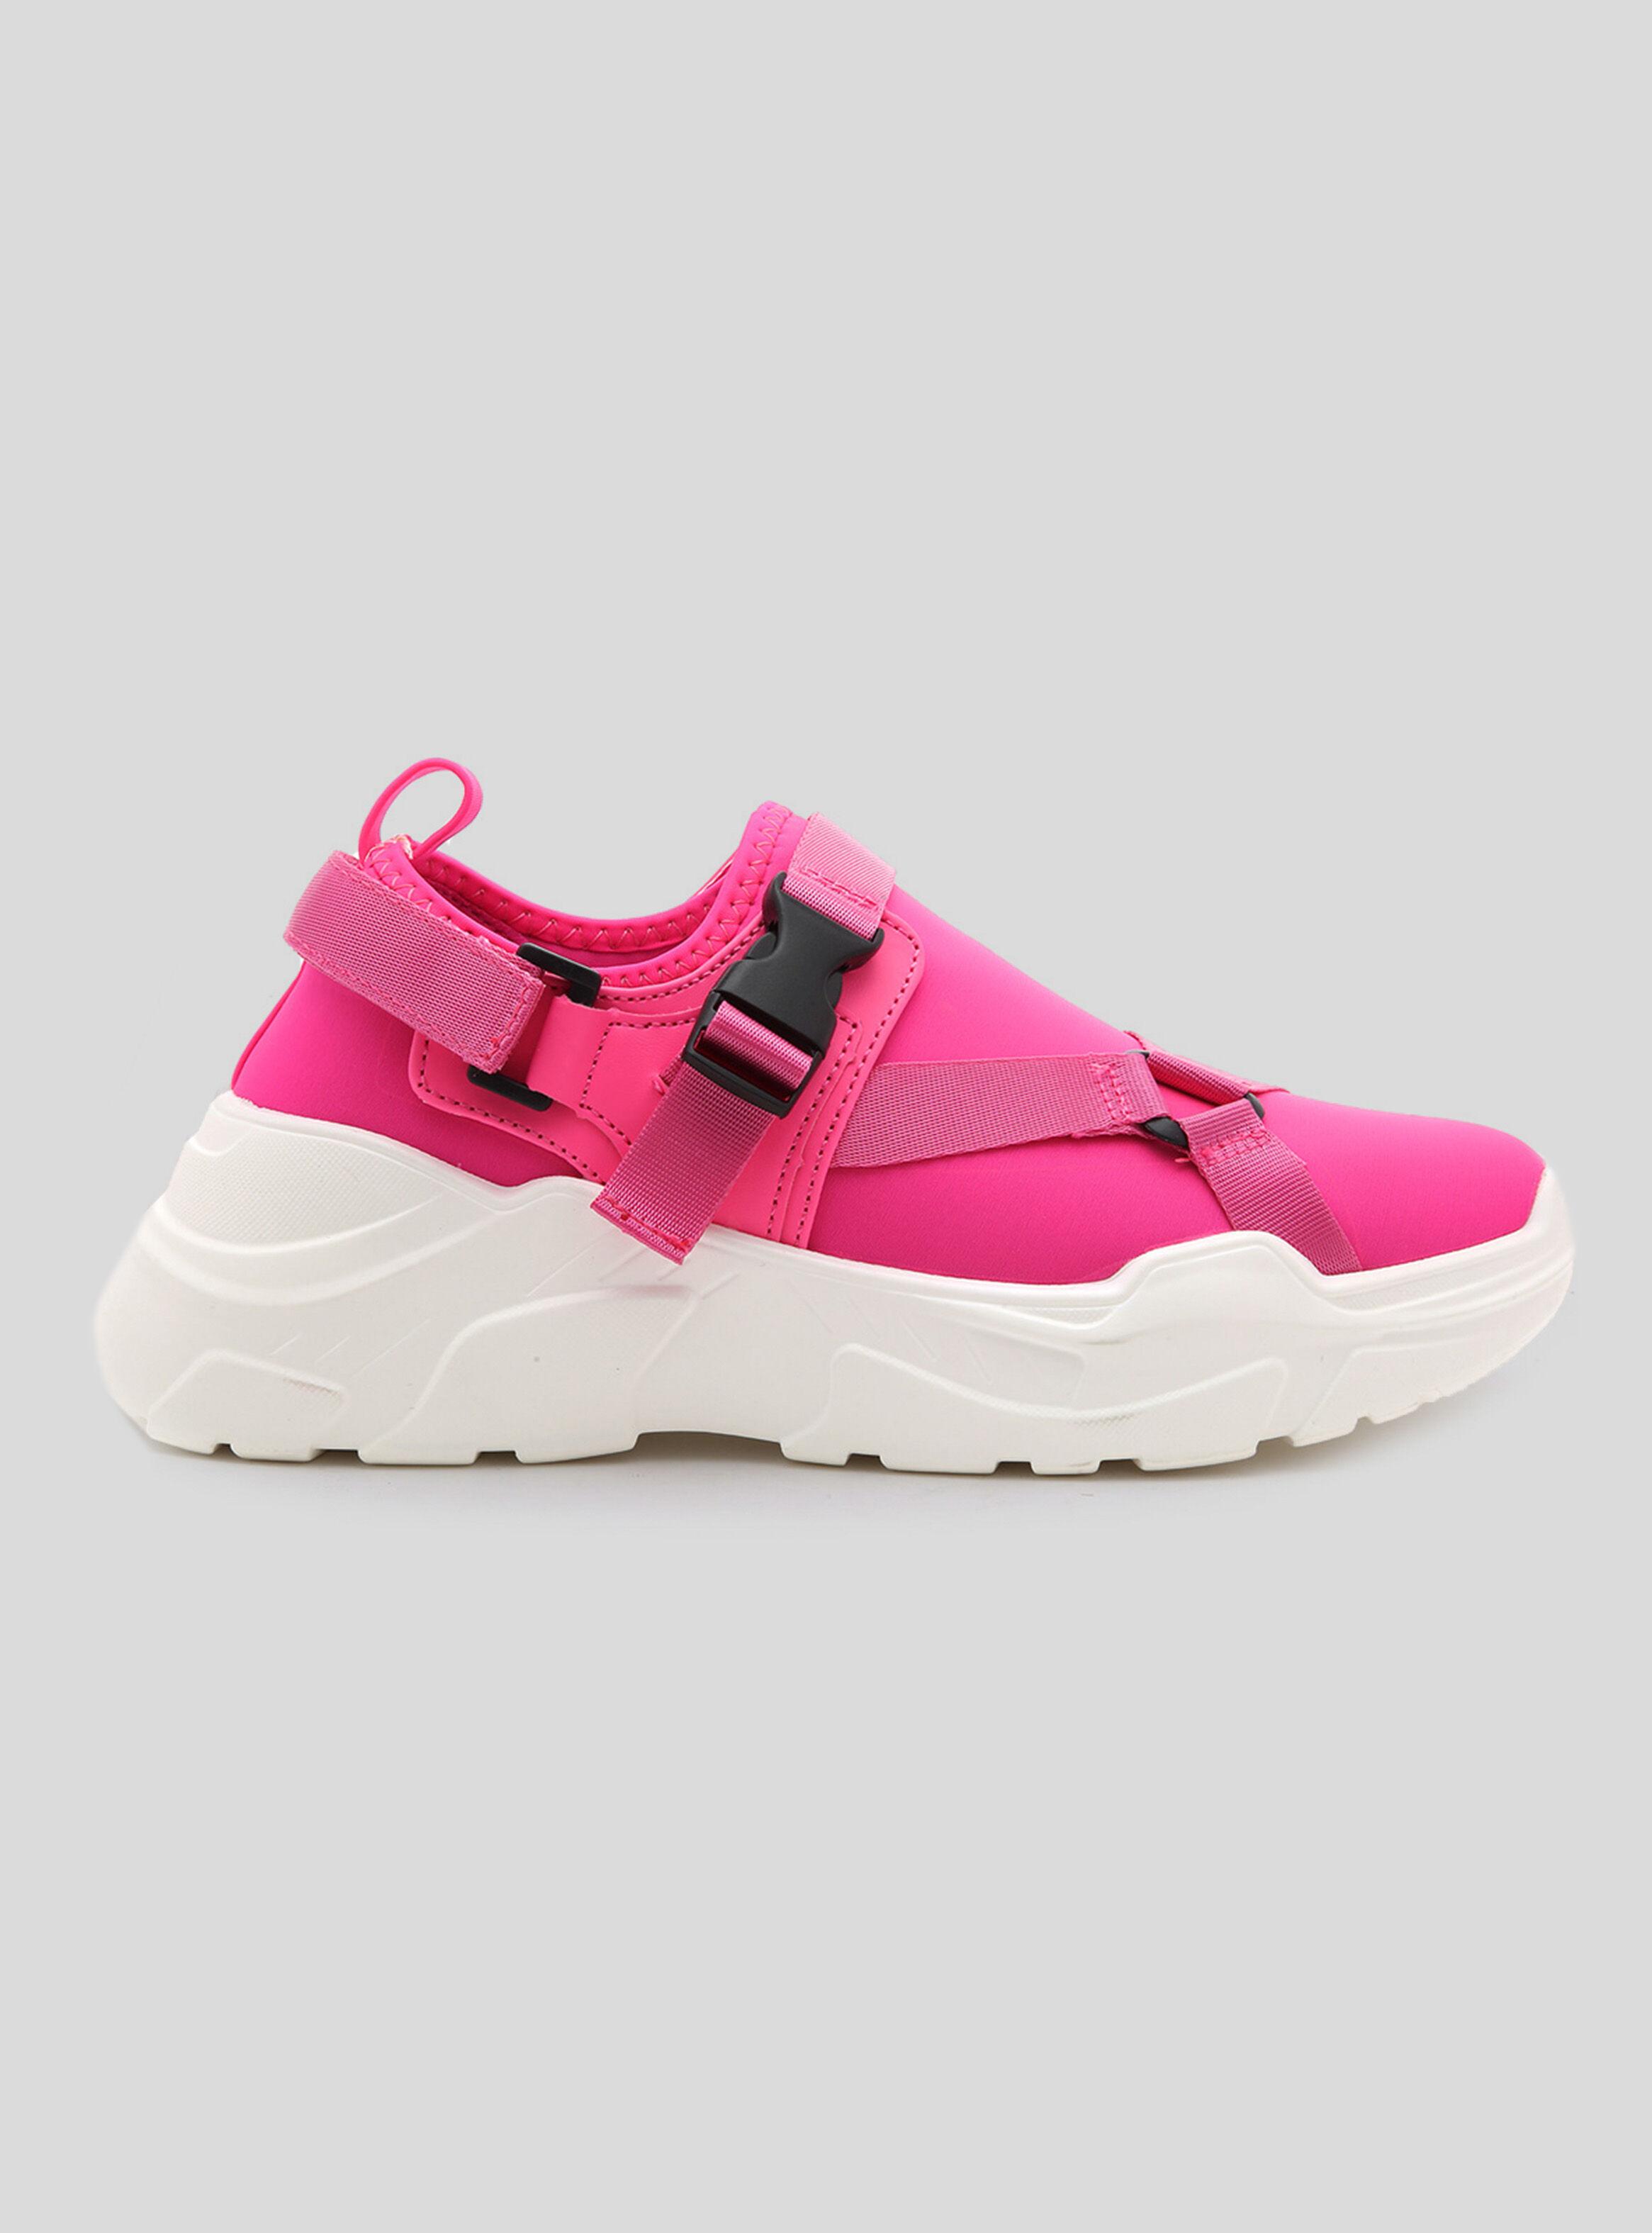 Fluor Colección Fucsia En Unique Desire Sport Zapato Mujer Chunky BCdxeo